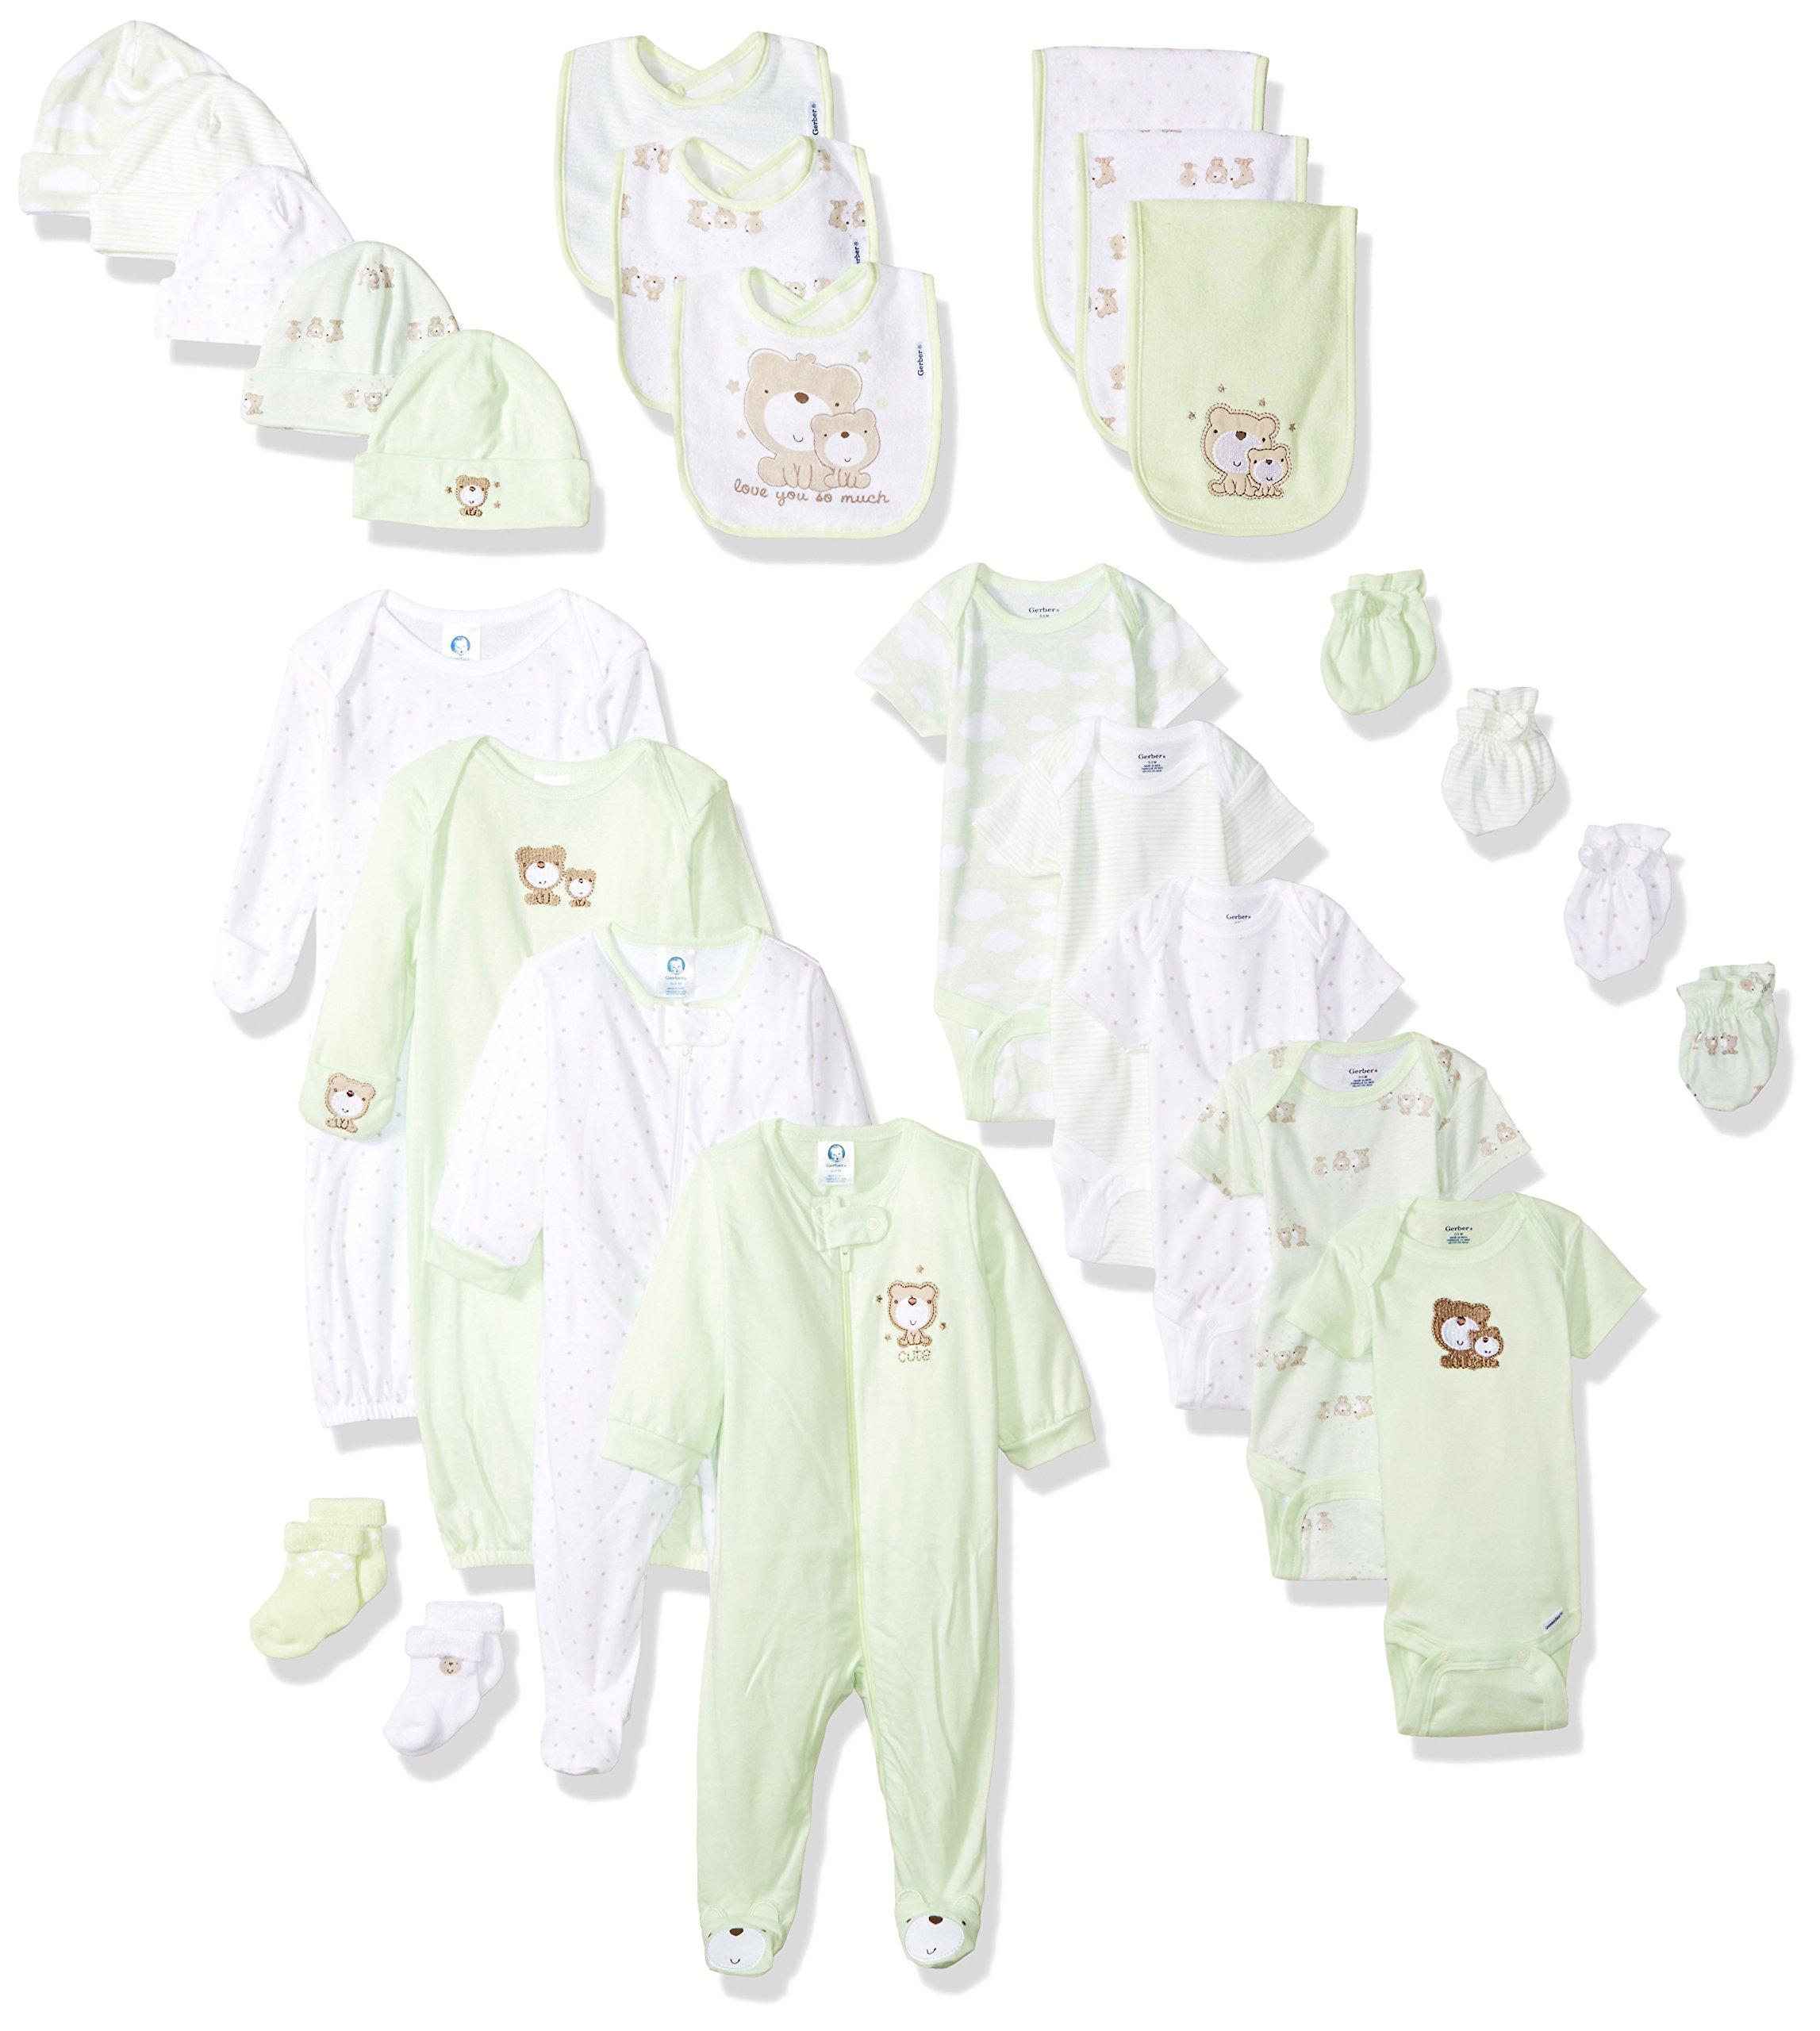 GERBER Baby 26-Piece Essentials Gift Set, Teddy Bear, Newborn by GERBER